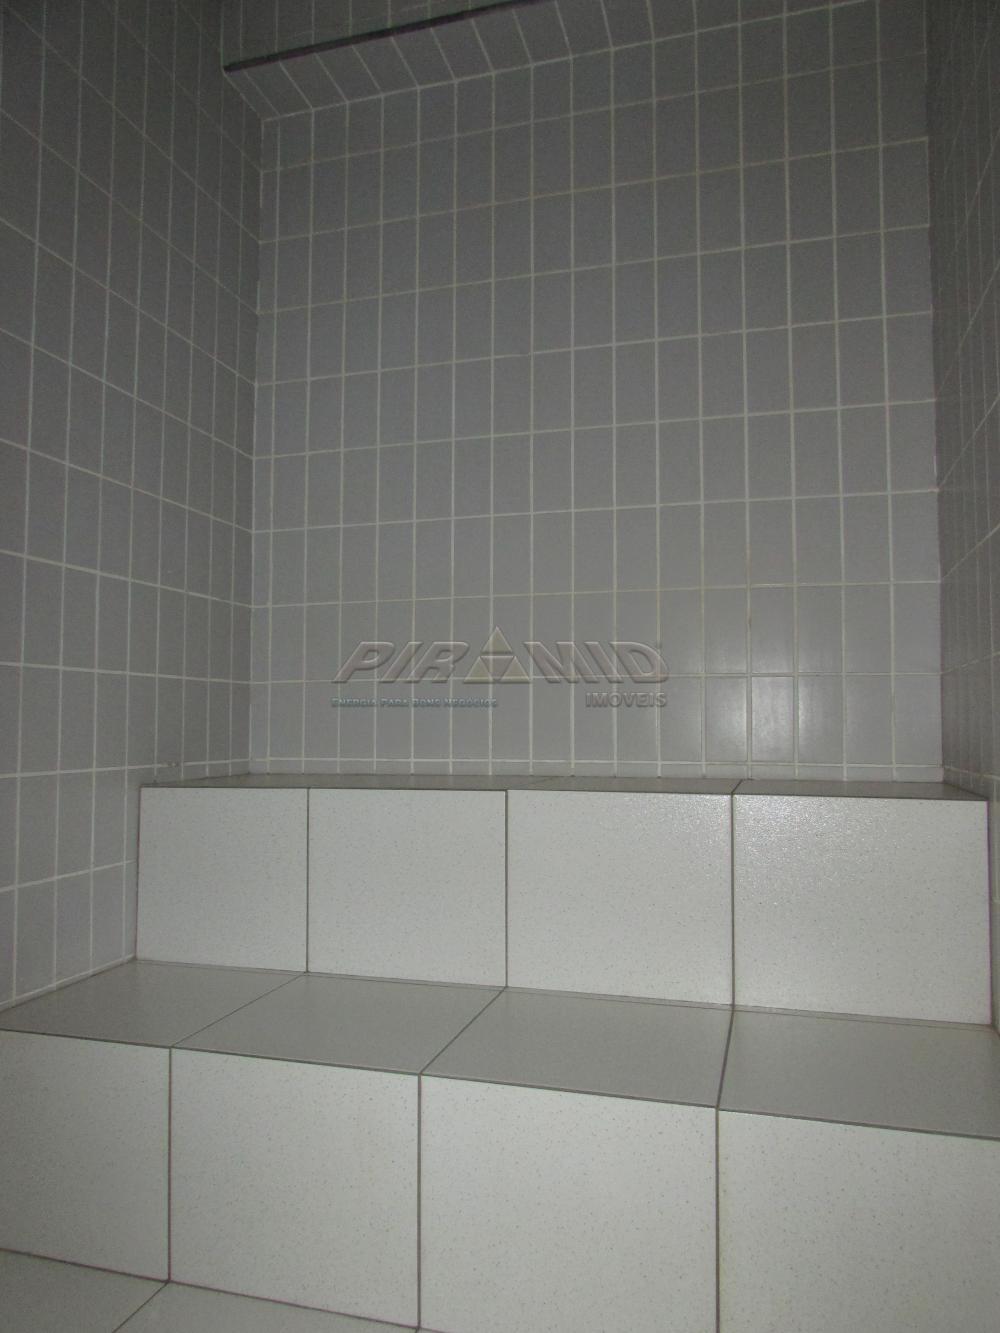 Comprar Apartamento / Padrão em Ribeirão Preto R$ 390.000,00 - Foto 30